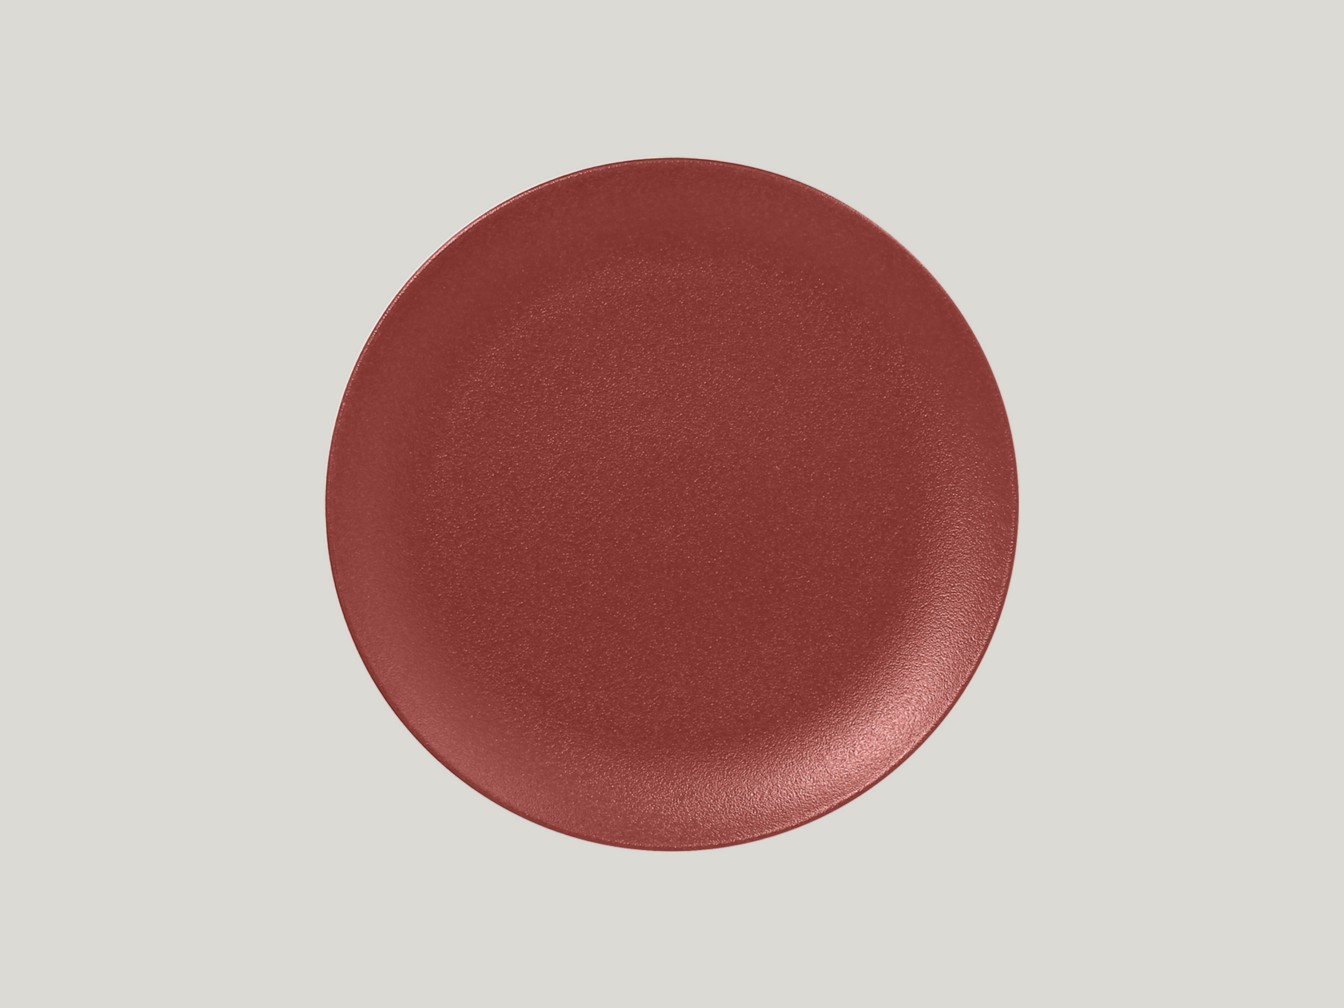 mělký coupe talíř - tmavě červená Neofusion